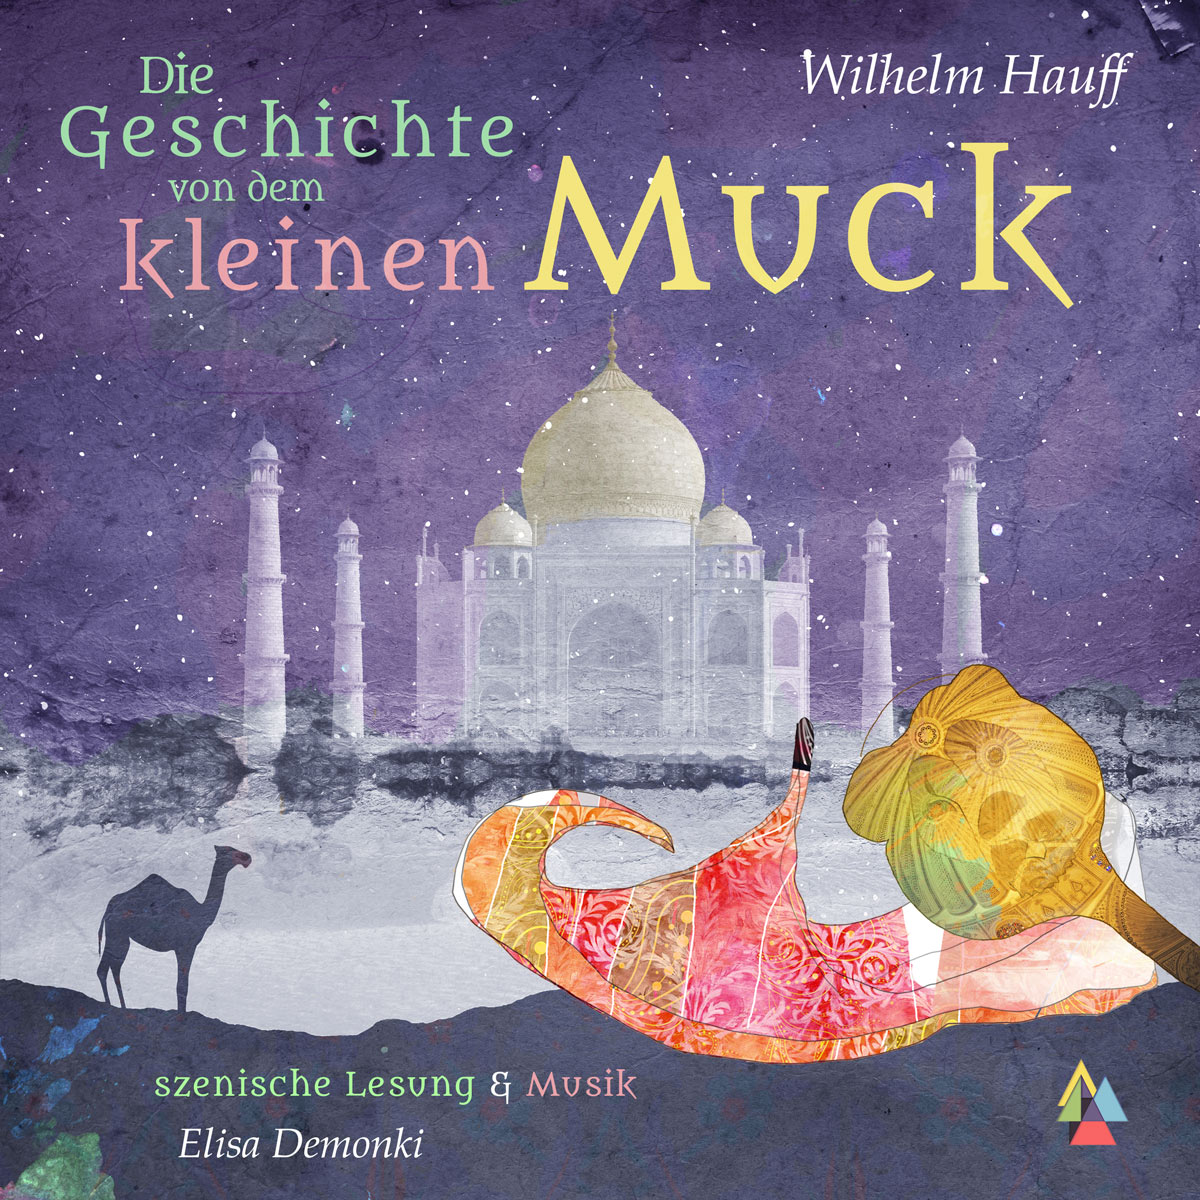 mp3 Hörbuch Die Geschichte von dem kleinem Muck Der kleine Muck Elisa Demonki Elisa Demonkí Jalara Verlag